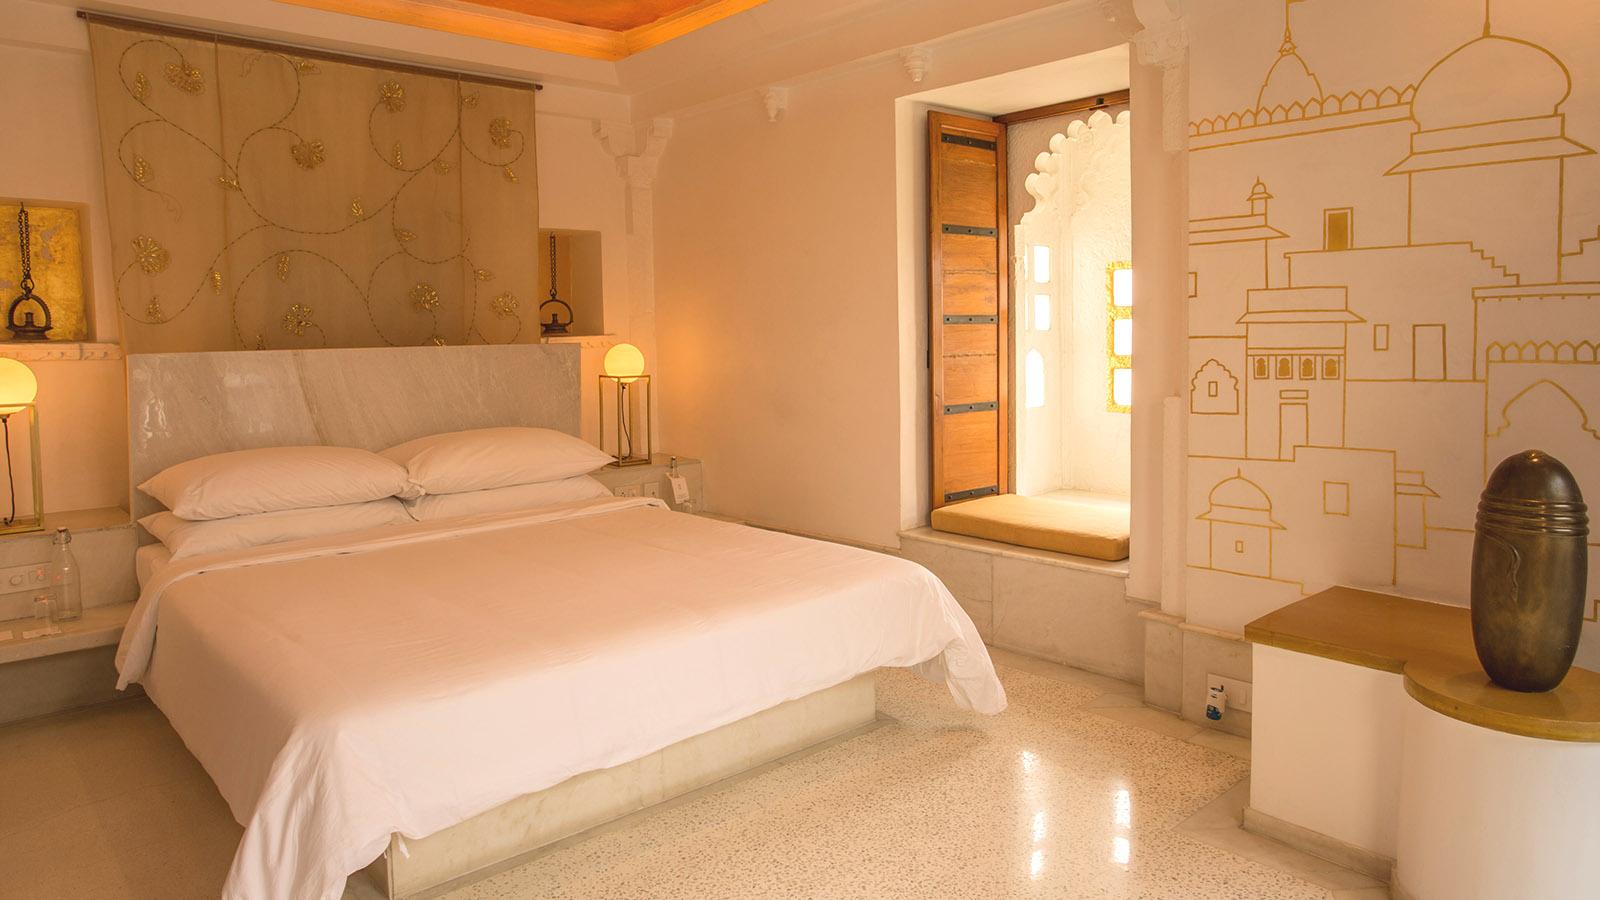 Devigarh-Suite-RAAS-Hotel-devigarh-Rajasthan-04